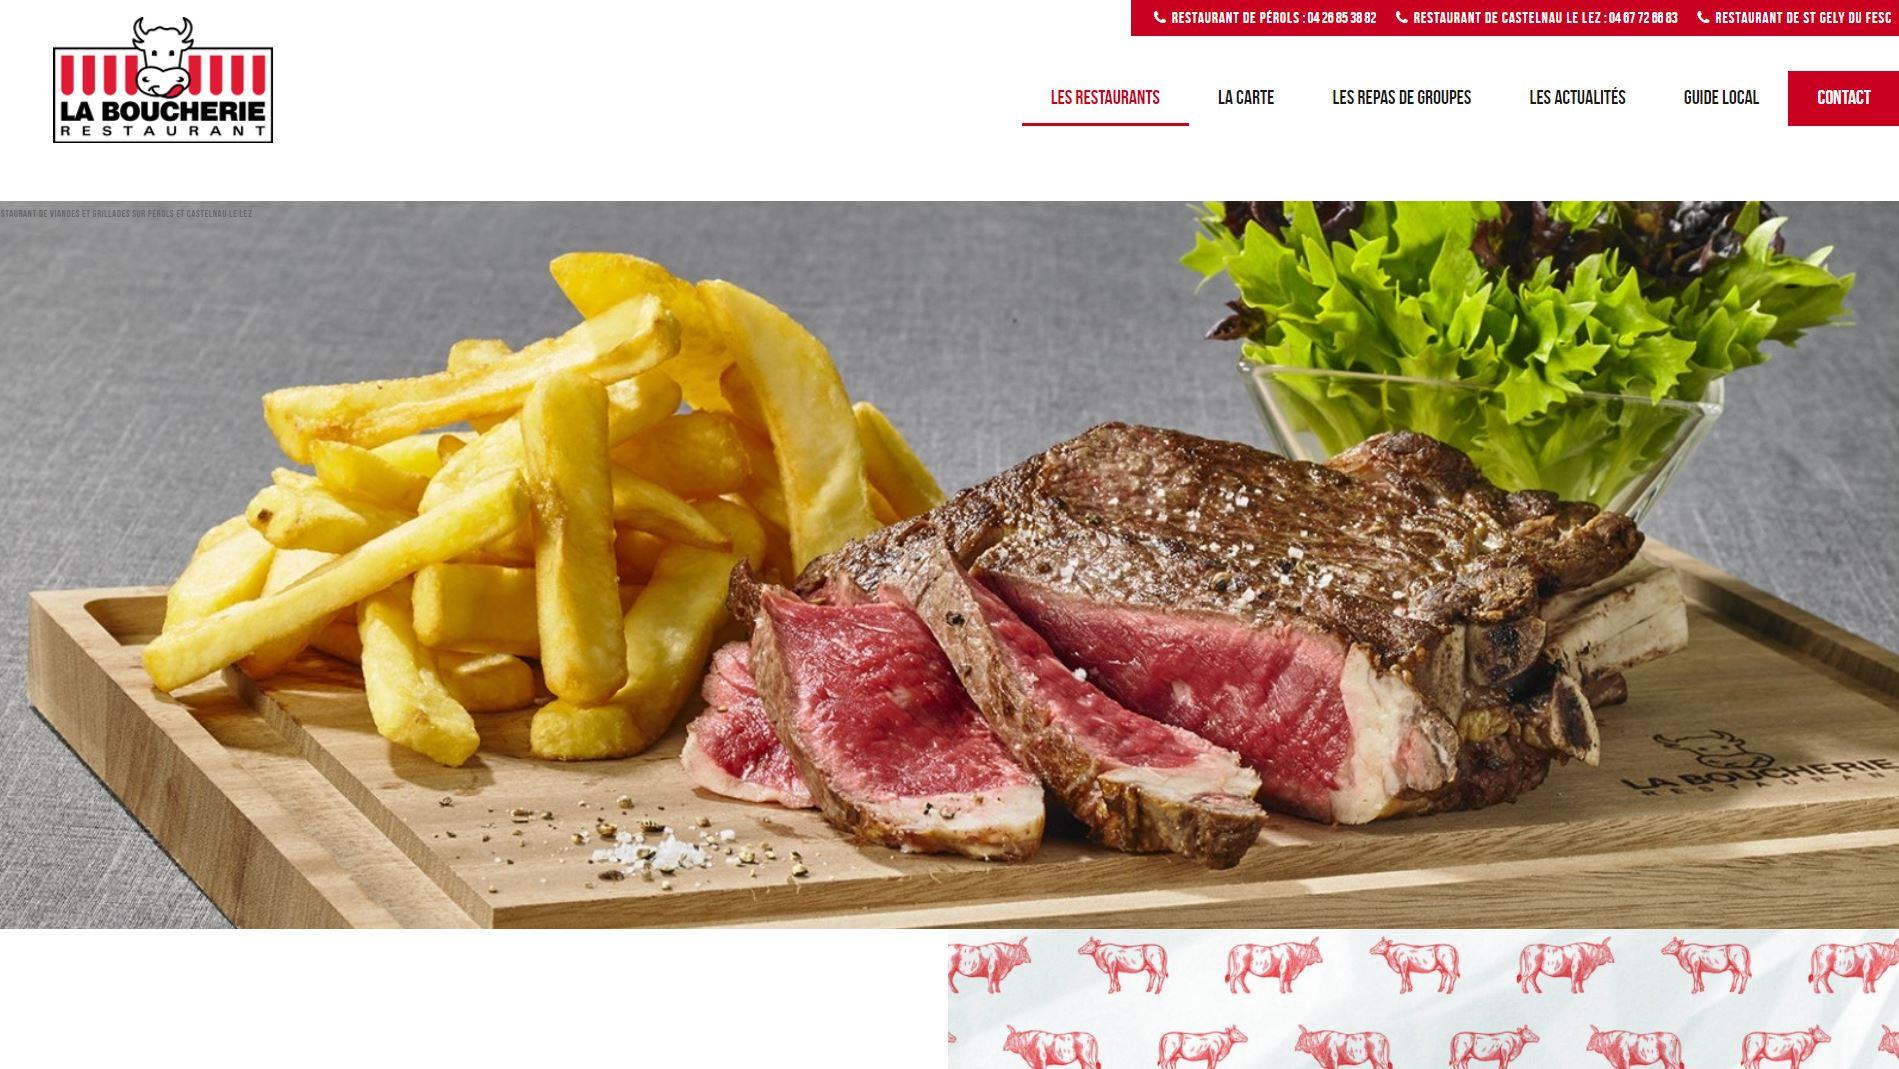 Restaurant de viandes Castelnau le Lez